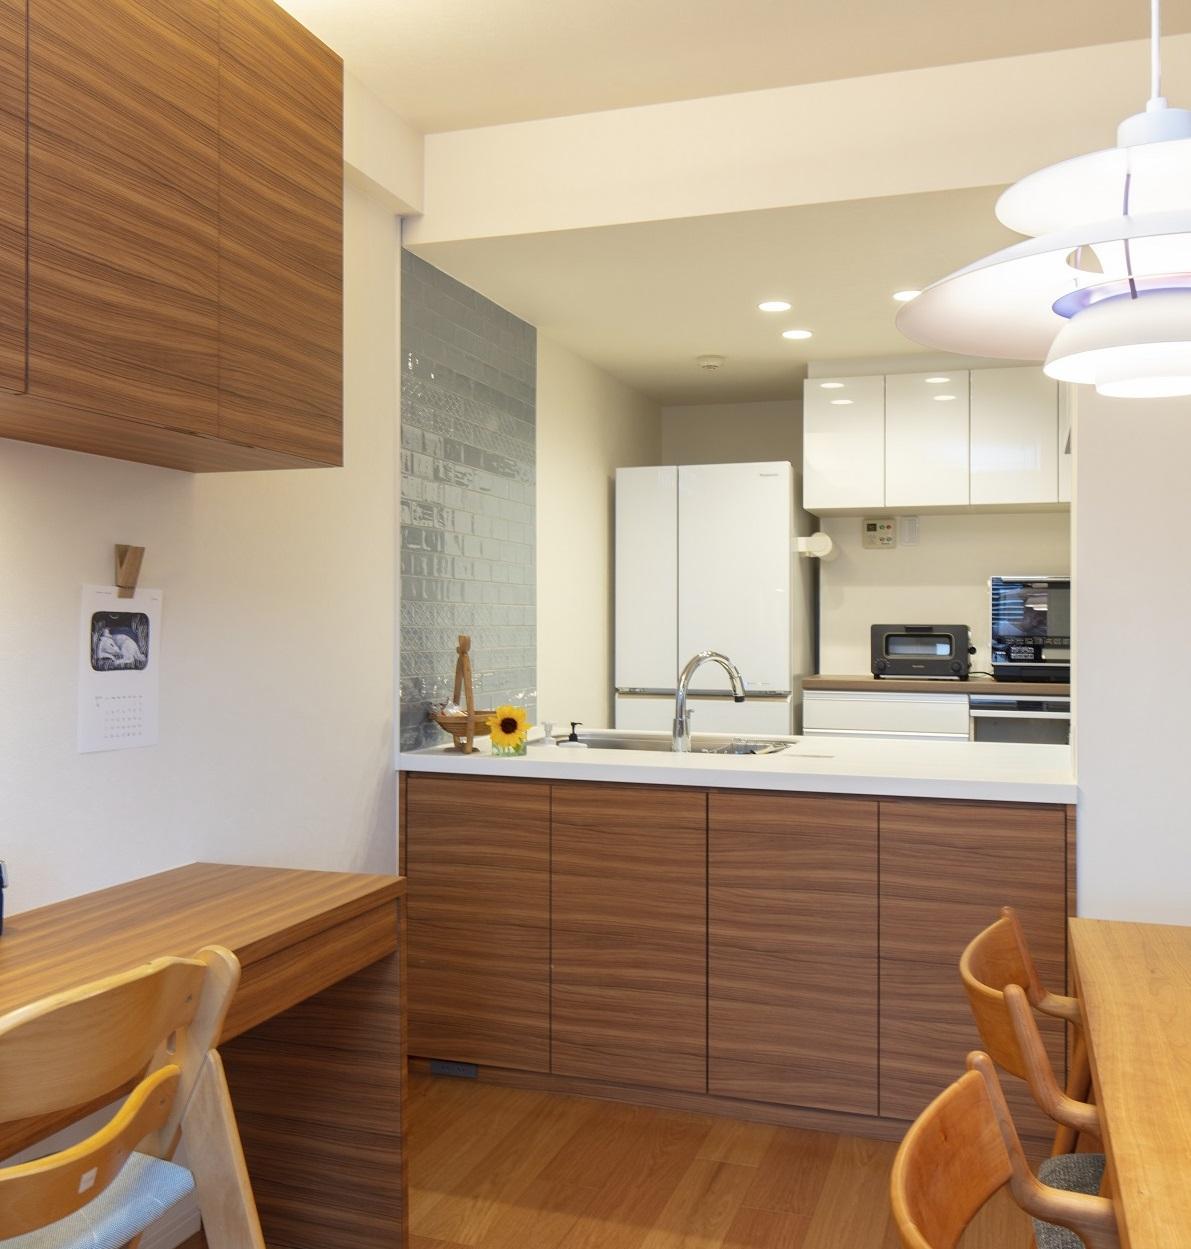 システムキッチンと組み合わせたカウンター収納